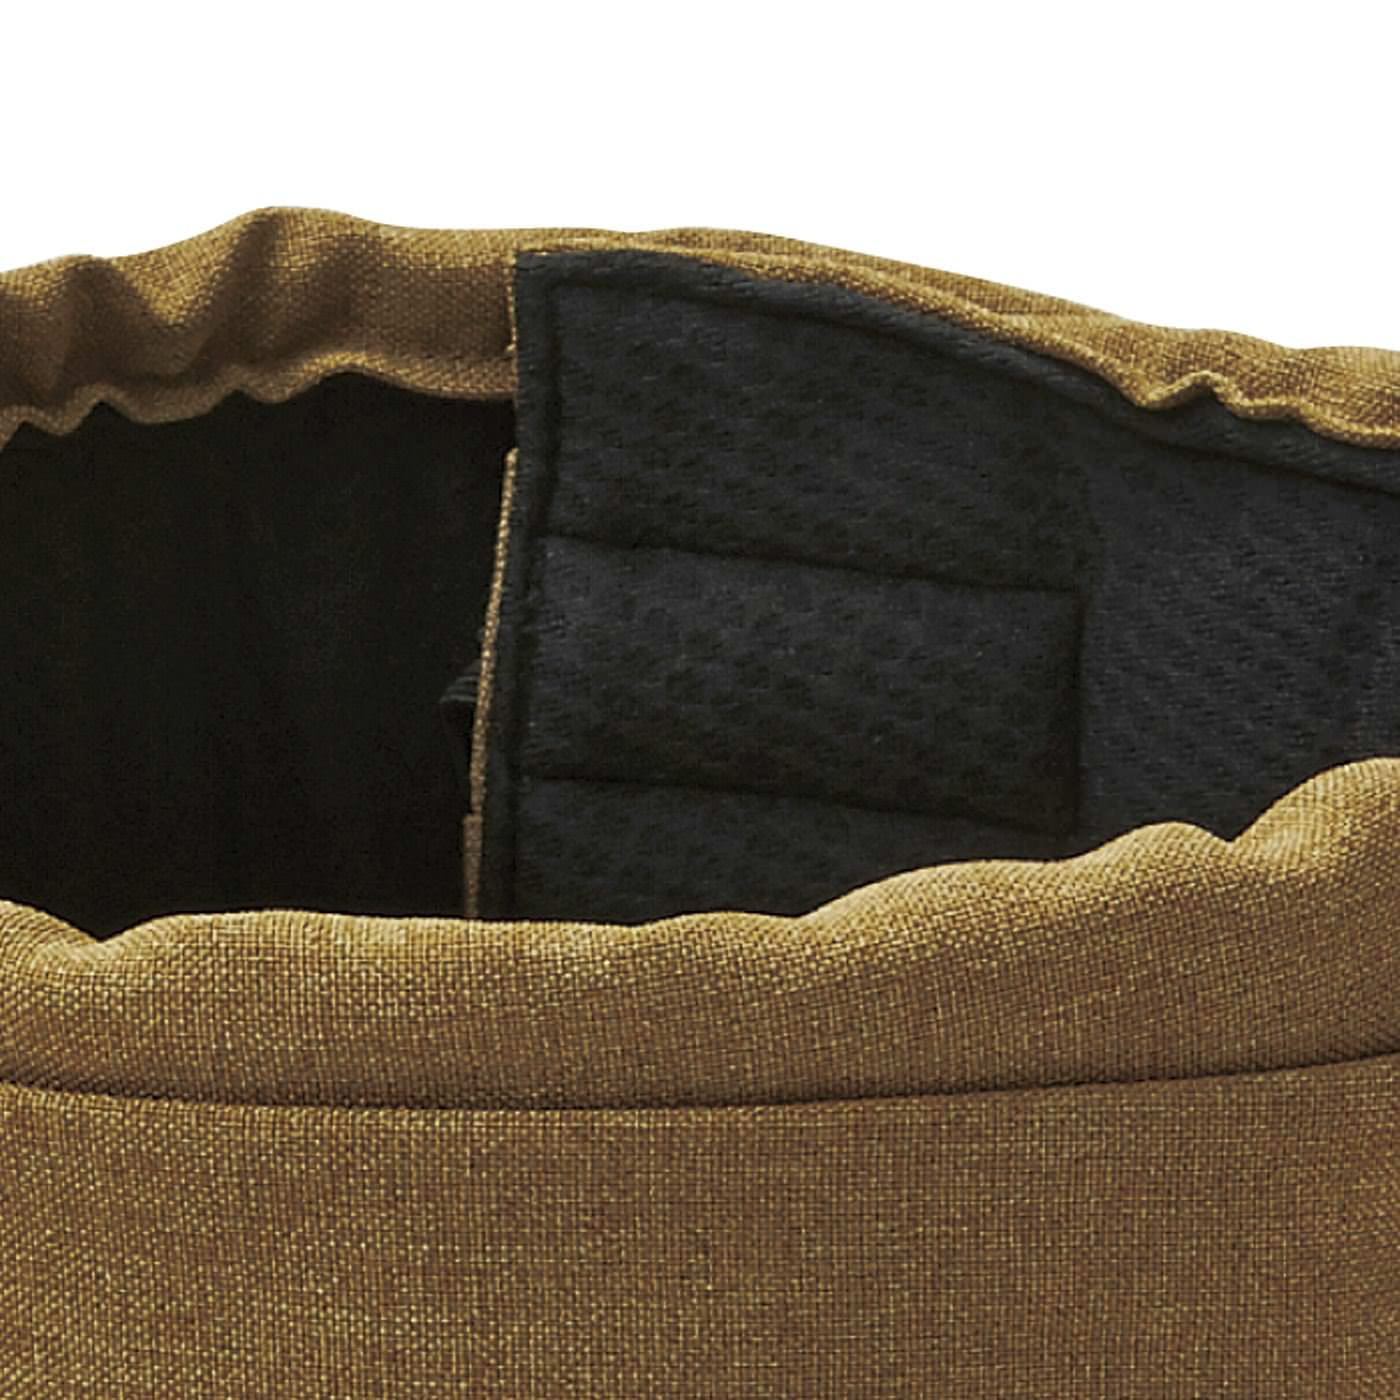 帽子と違い面ファスナーで自分サイズに調整できるので、しっかりフィット。風に飛ばされにくい。